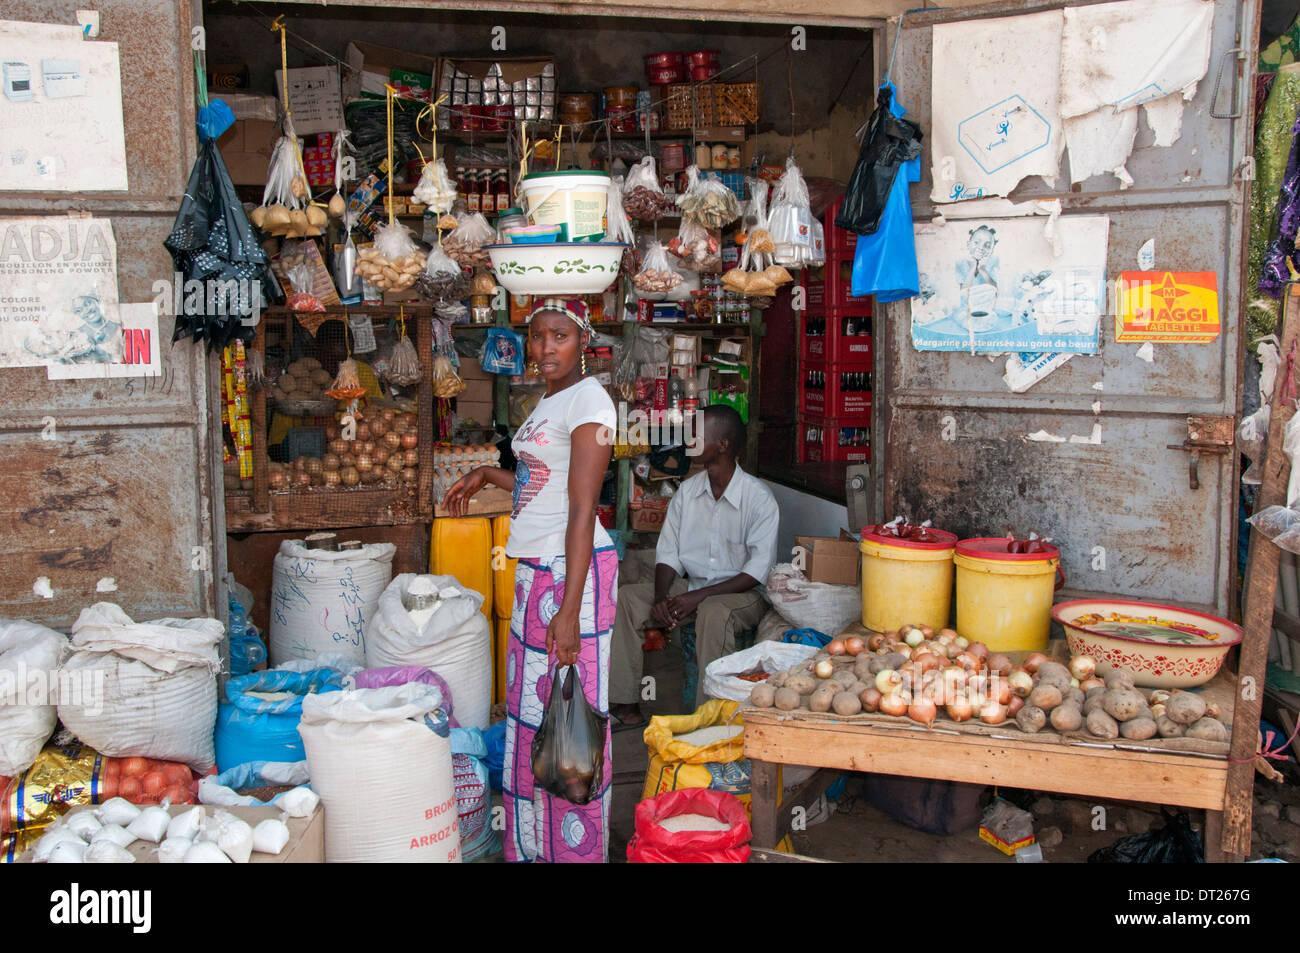 Local Woman Shopping at Serrekunda Market, Serrekunda, The Gambia, West Africa - Stock Image